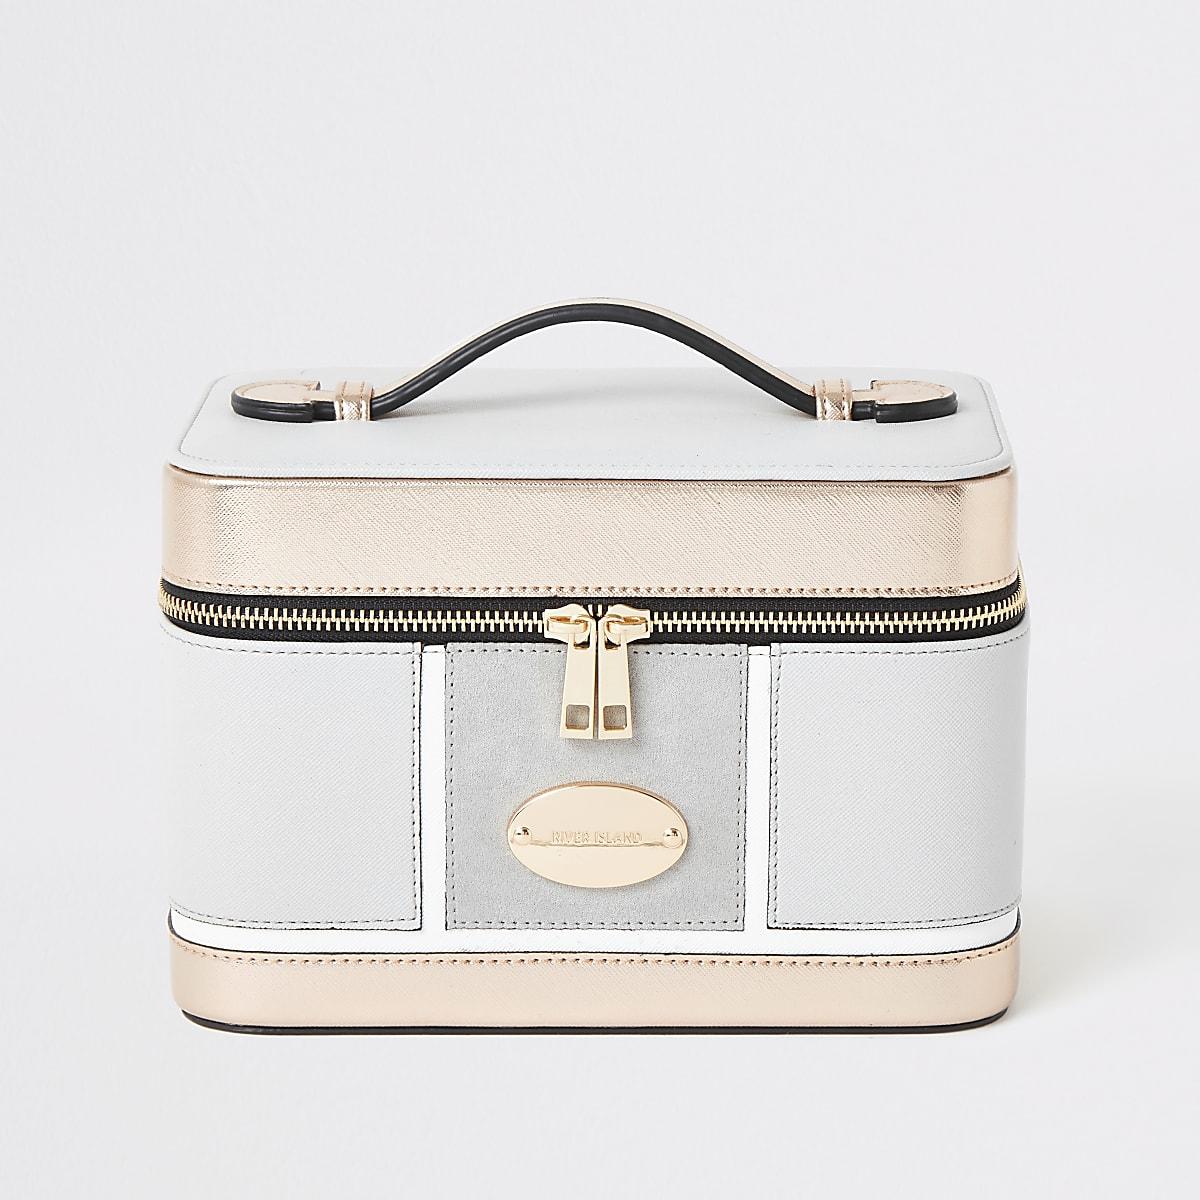 Light grey metallic vanity case